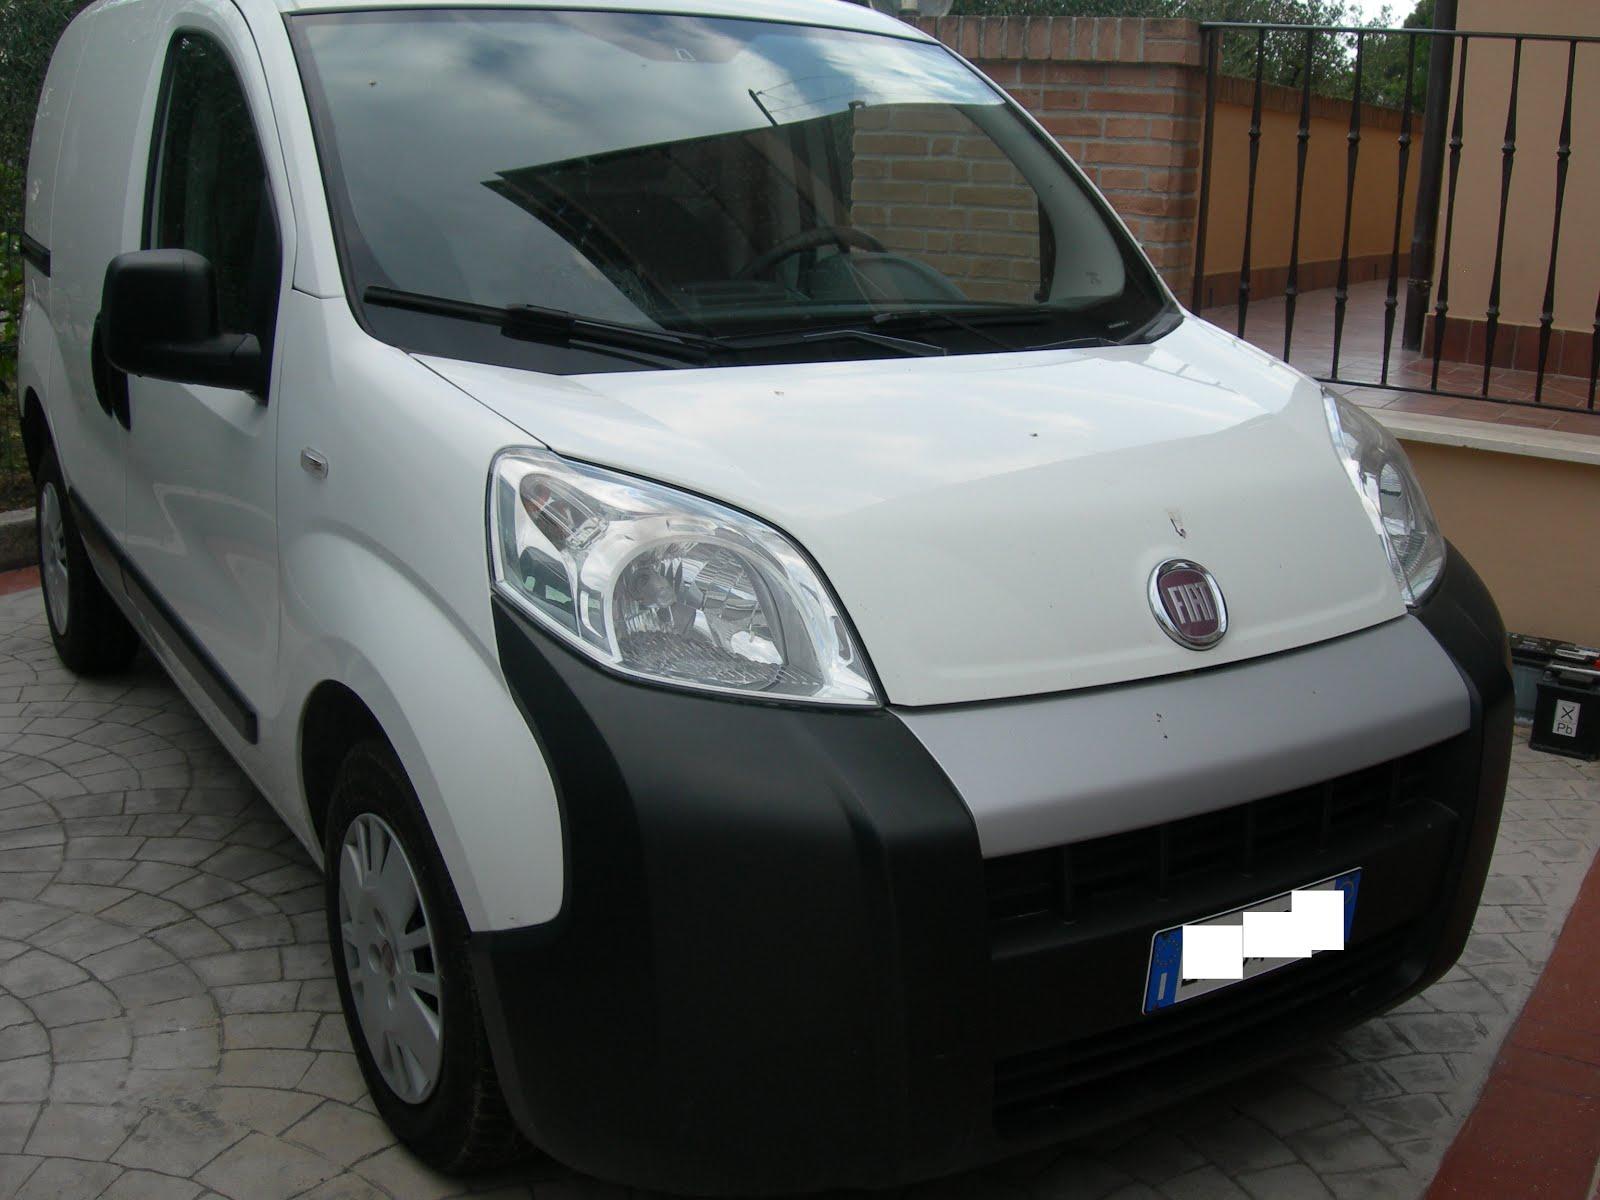 Fiat Fiorino 1.3 m.jet 75 cv S&S Anno 2011 cont.x prezzo